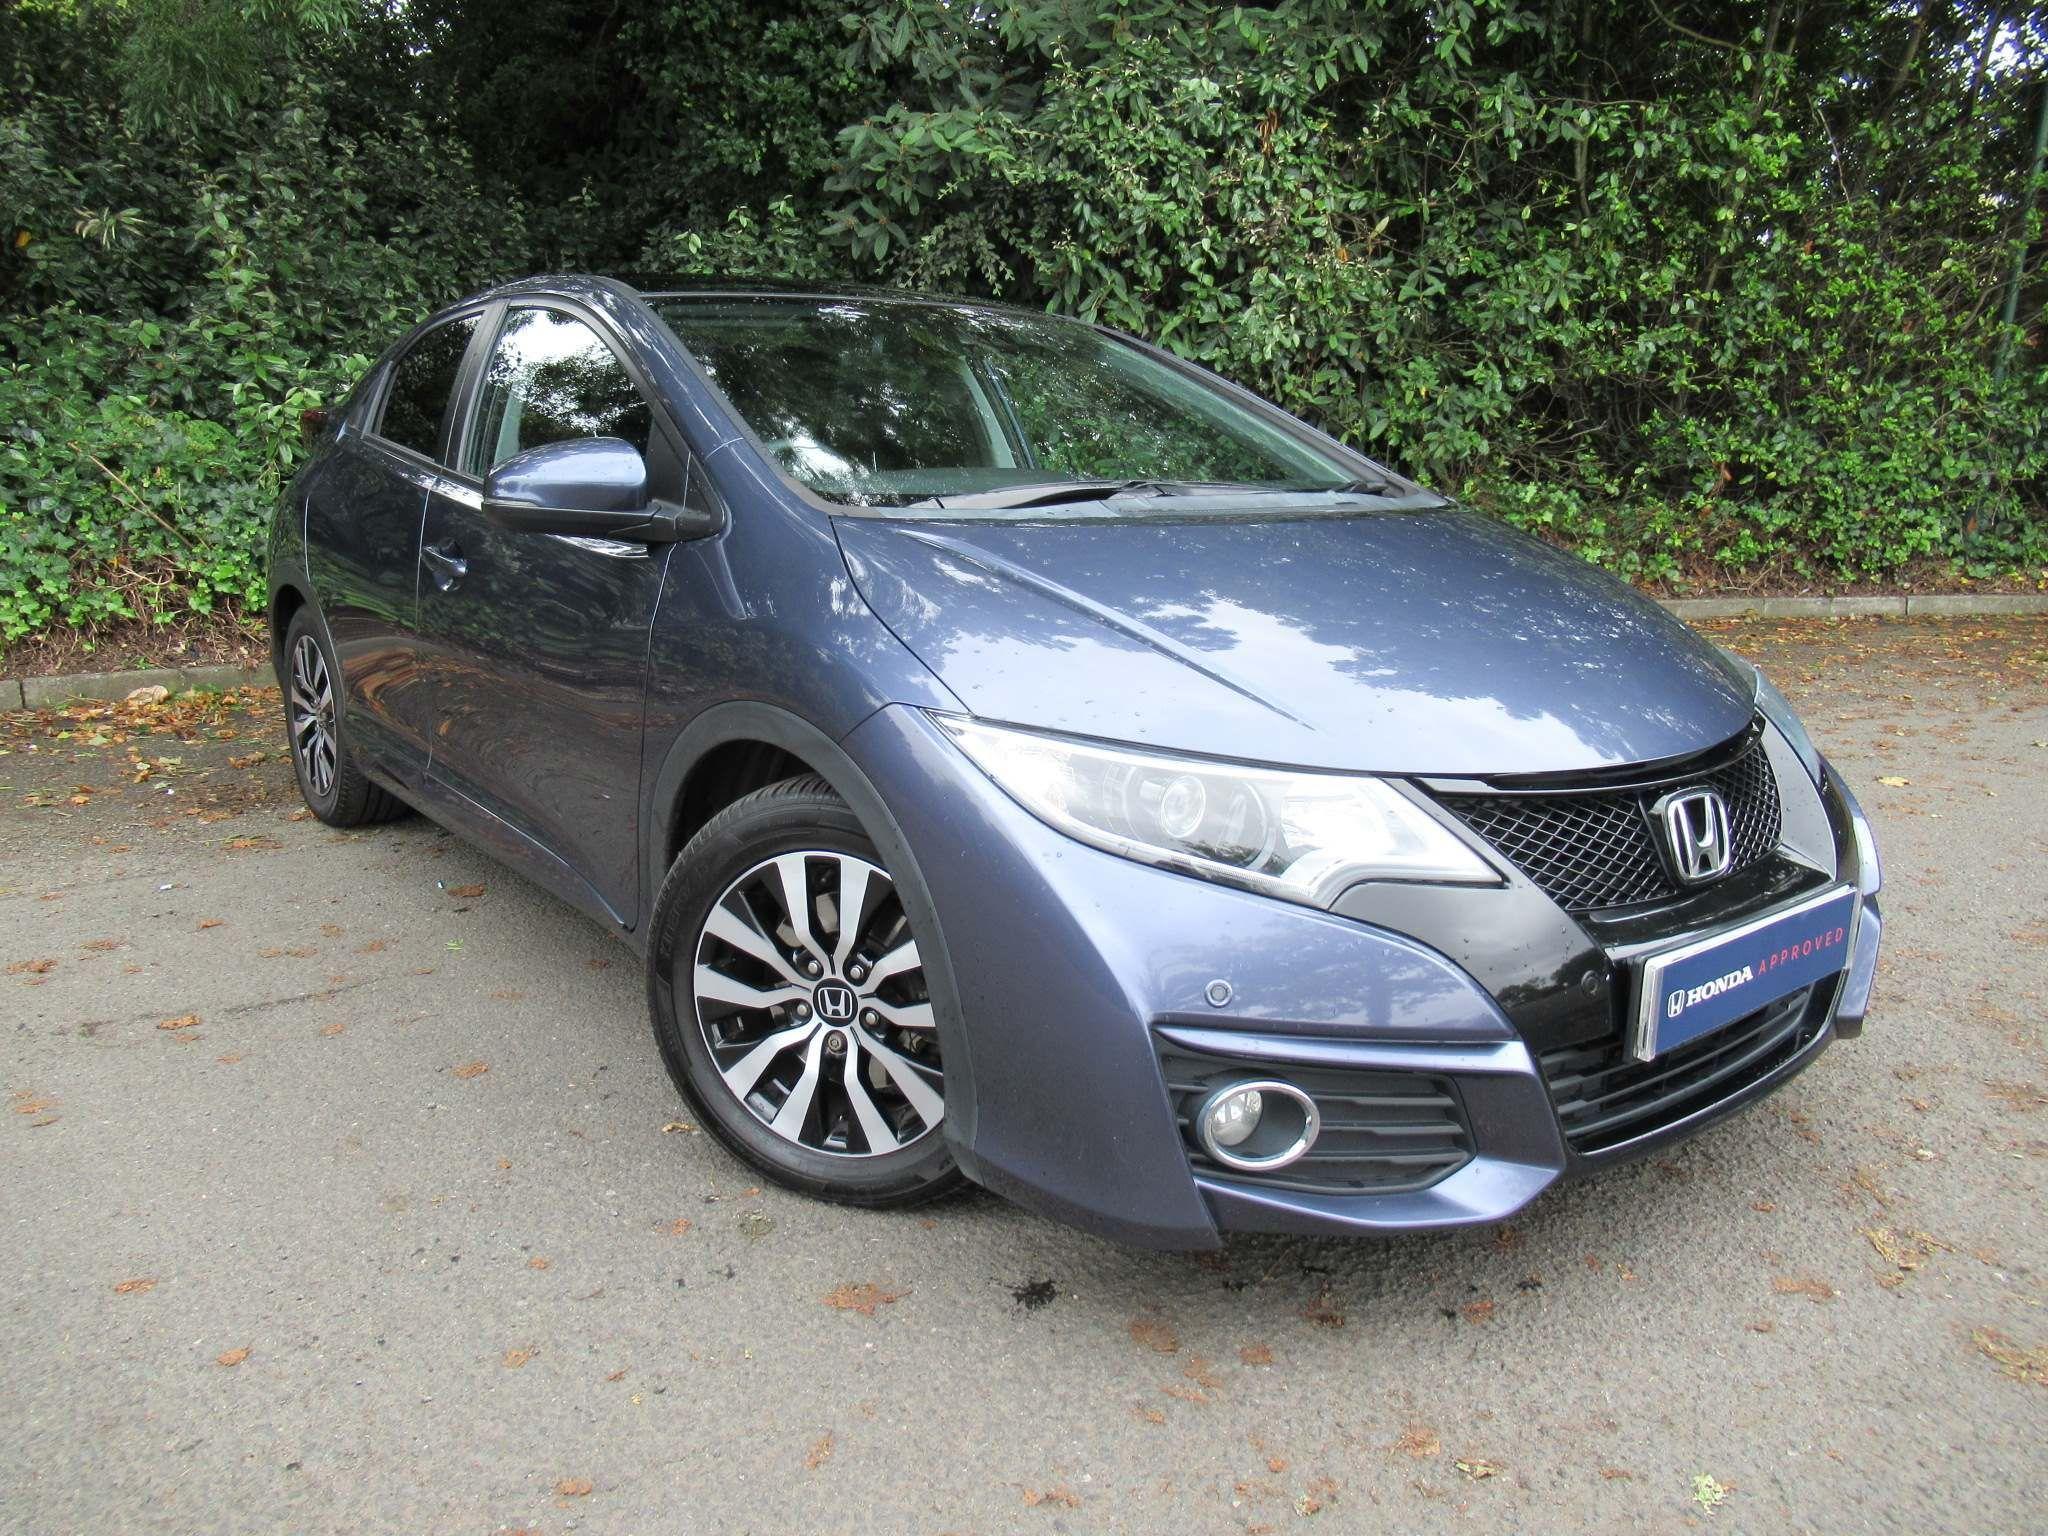 Honda Civic 1.6 i-DTEC SR (s/s) 5dr